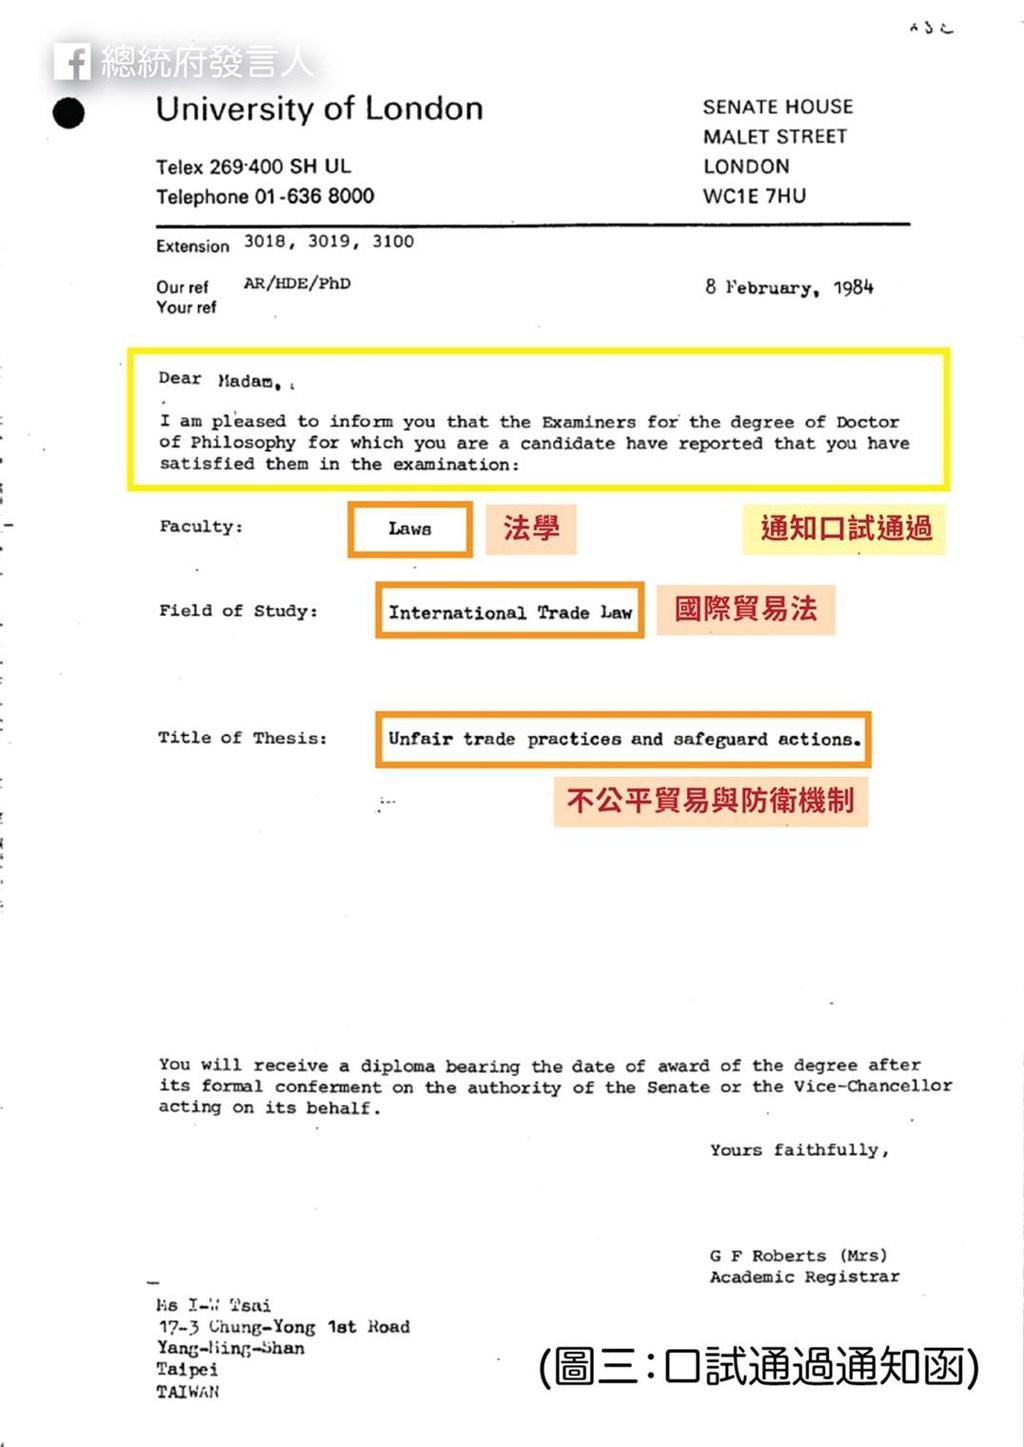 總統府4日說,蔡總統委任律師正式向台大法律系名譽教授賀德芬、學者林環牆提告妨害名譽。圖為總統府發言人於臉書公開蔡總統論文考試通過的正式通知書等影像資料。(圖取自facebook.com/presidentialoffice.tw)